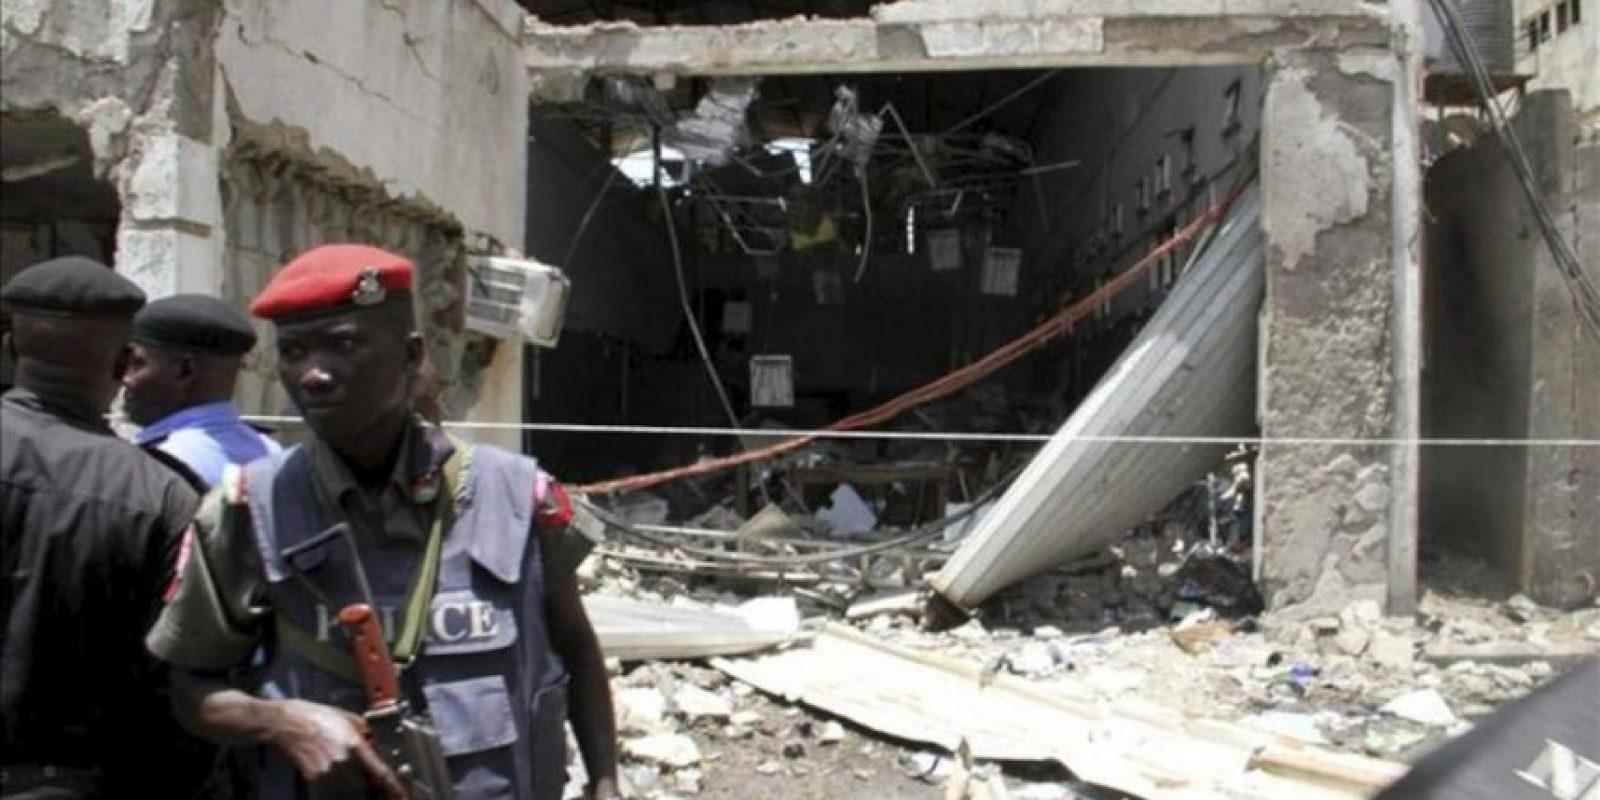 """Unos miembros de las fuerzas de seguridad permanecen en el lugar donde se produjo una explosión en la redacción del diario nigeriano """"Thisday"""" en Abuja, Nigeria, hoy, jueves 26 de abril de 2012. EFE"""